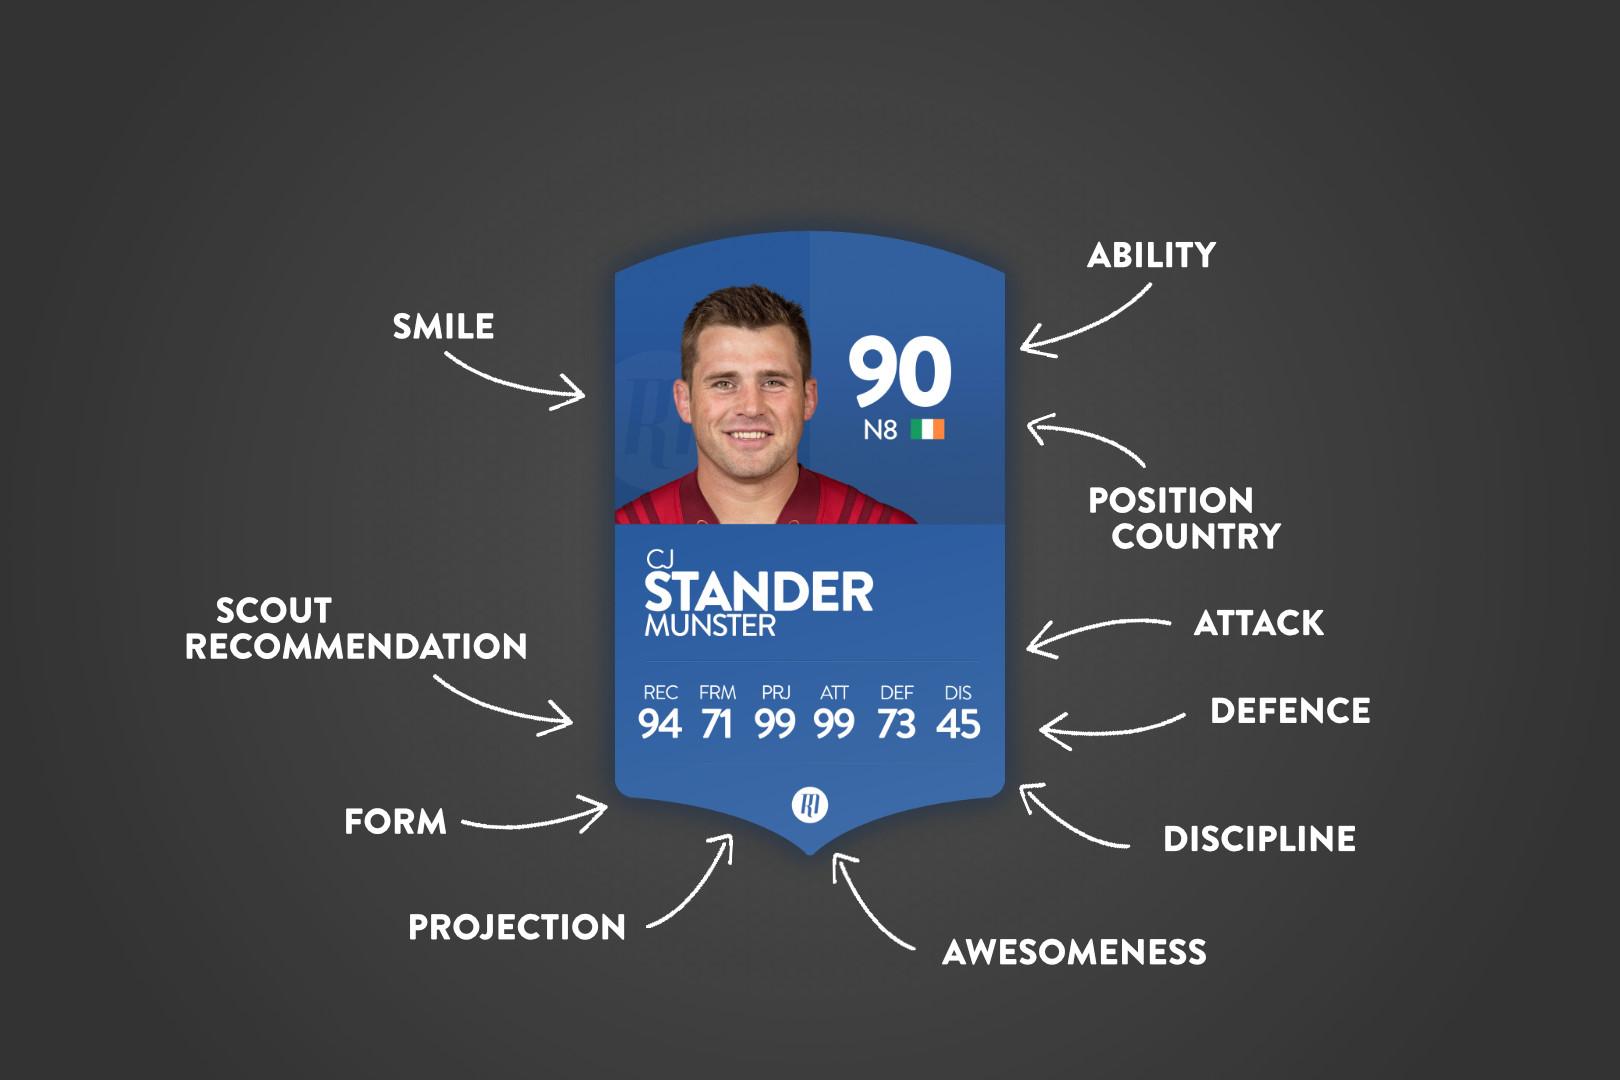 Spotlight: CJ Stander